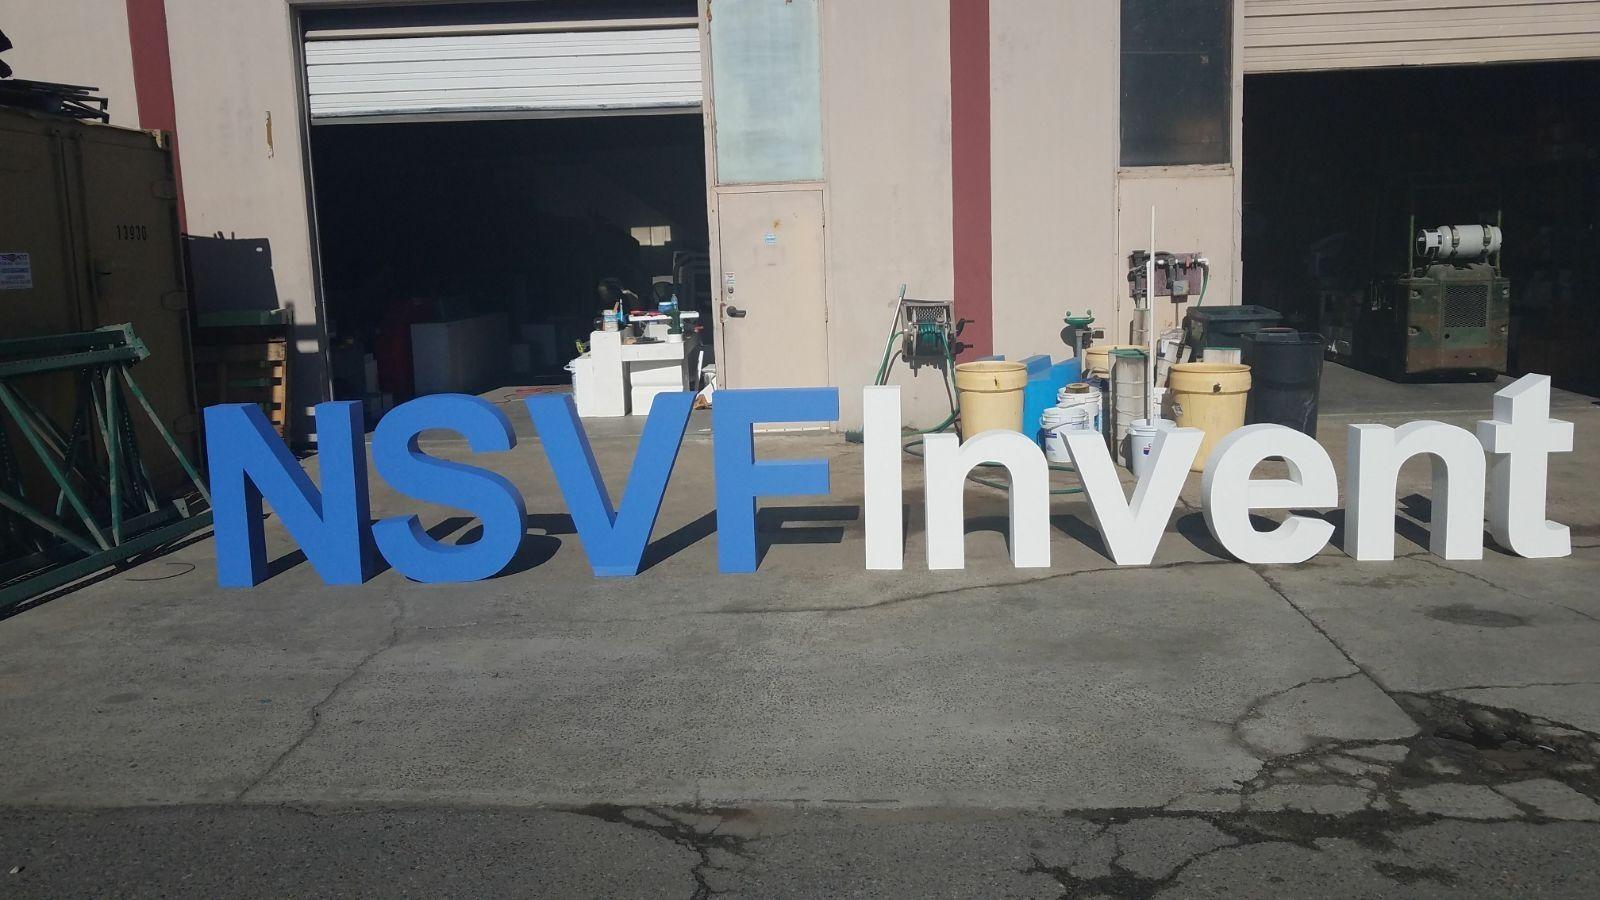 Large Foam Letters Sign Logo By Wecutfoam Www Wecutfoam Com Foam Letters Fiberglass Mold Outdoor Signs